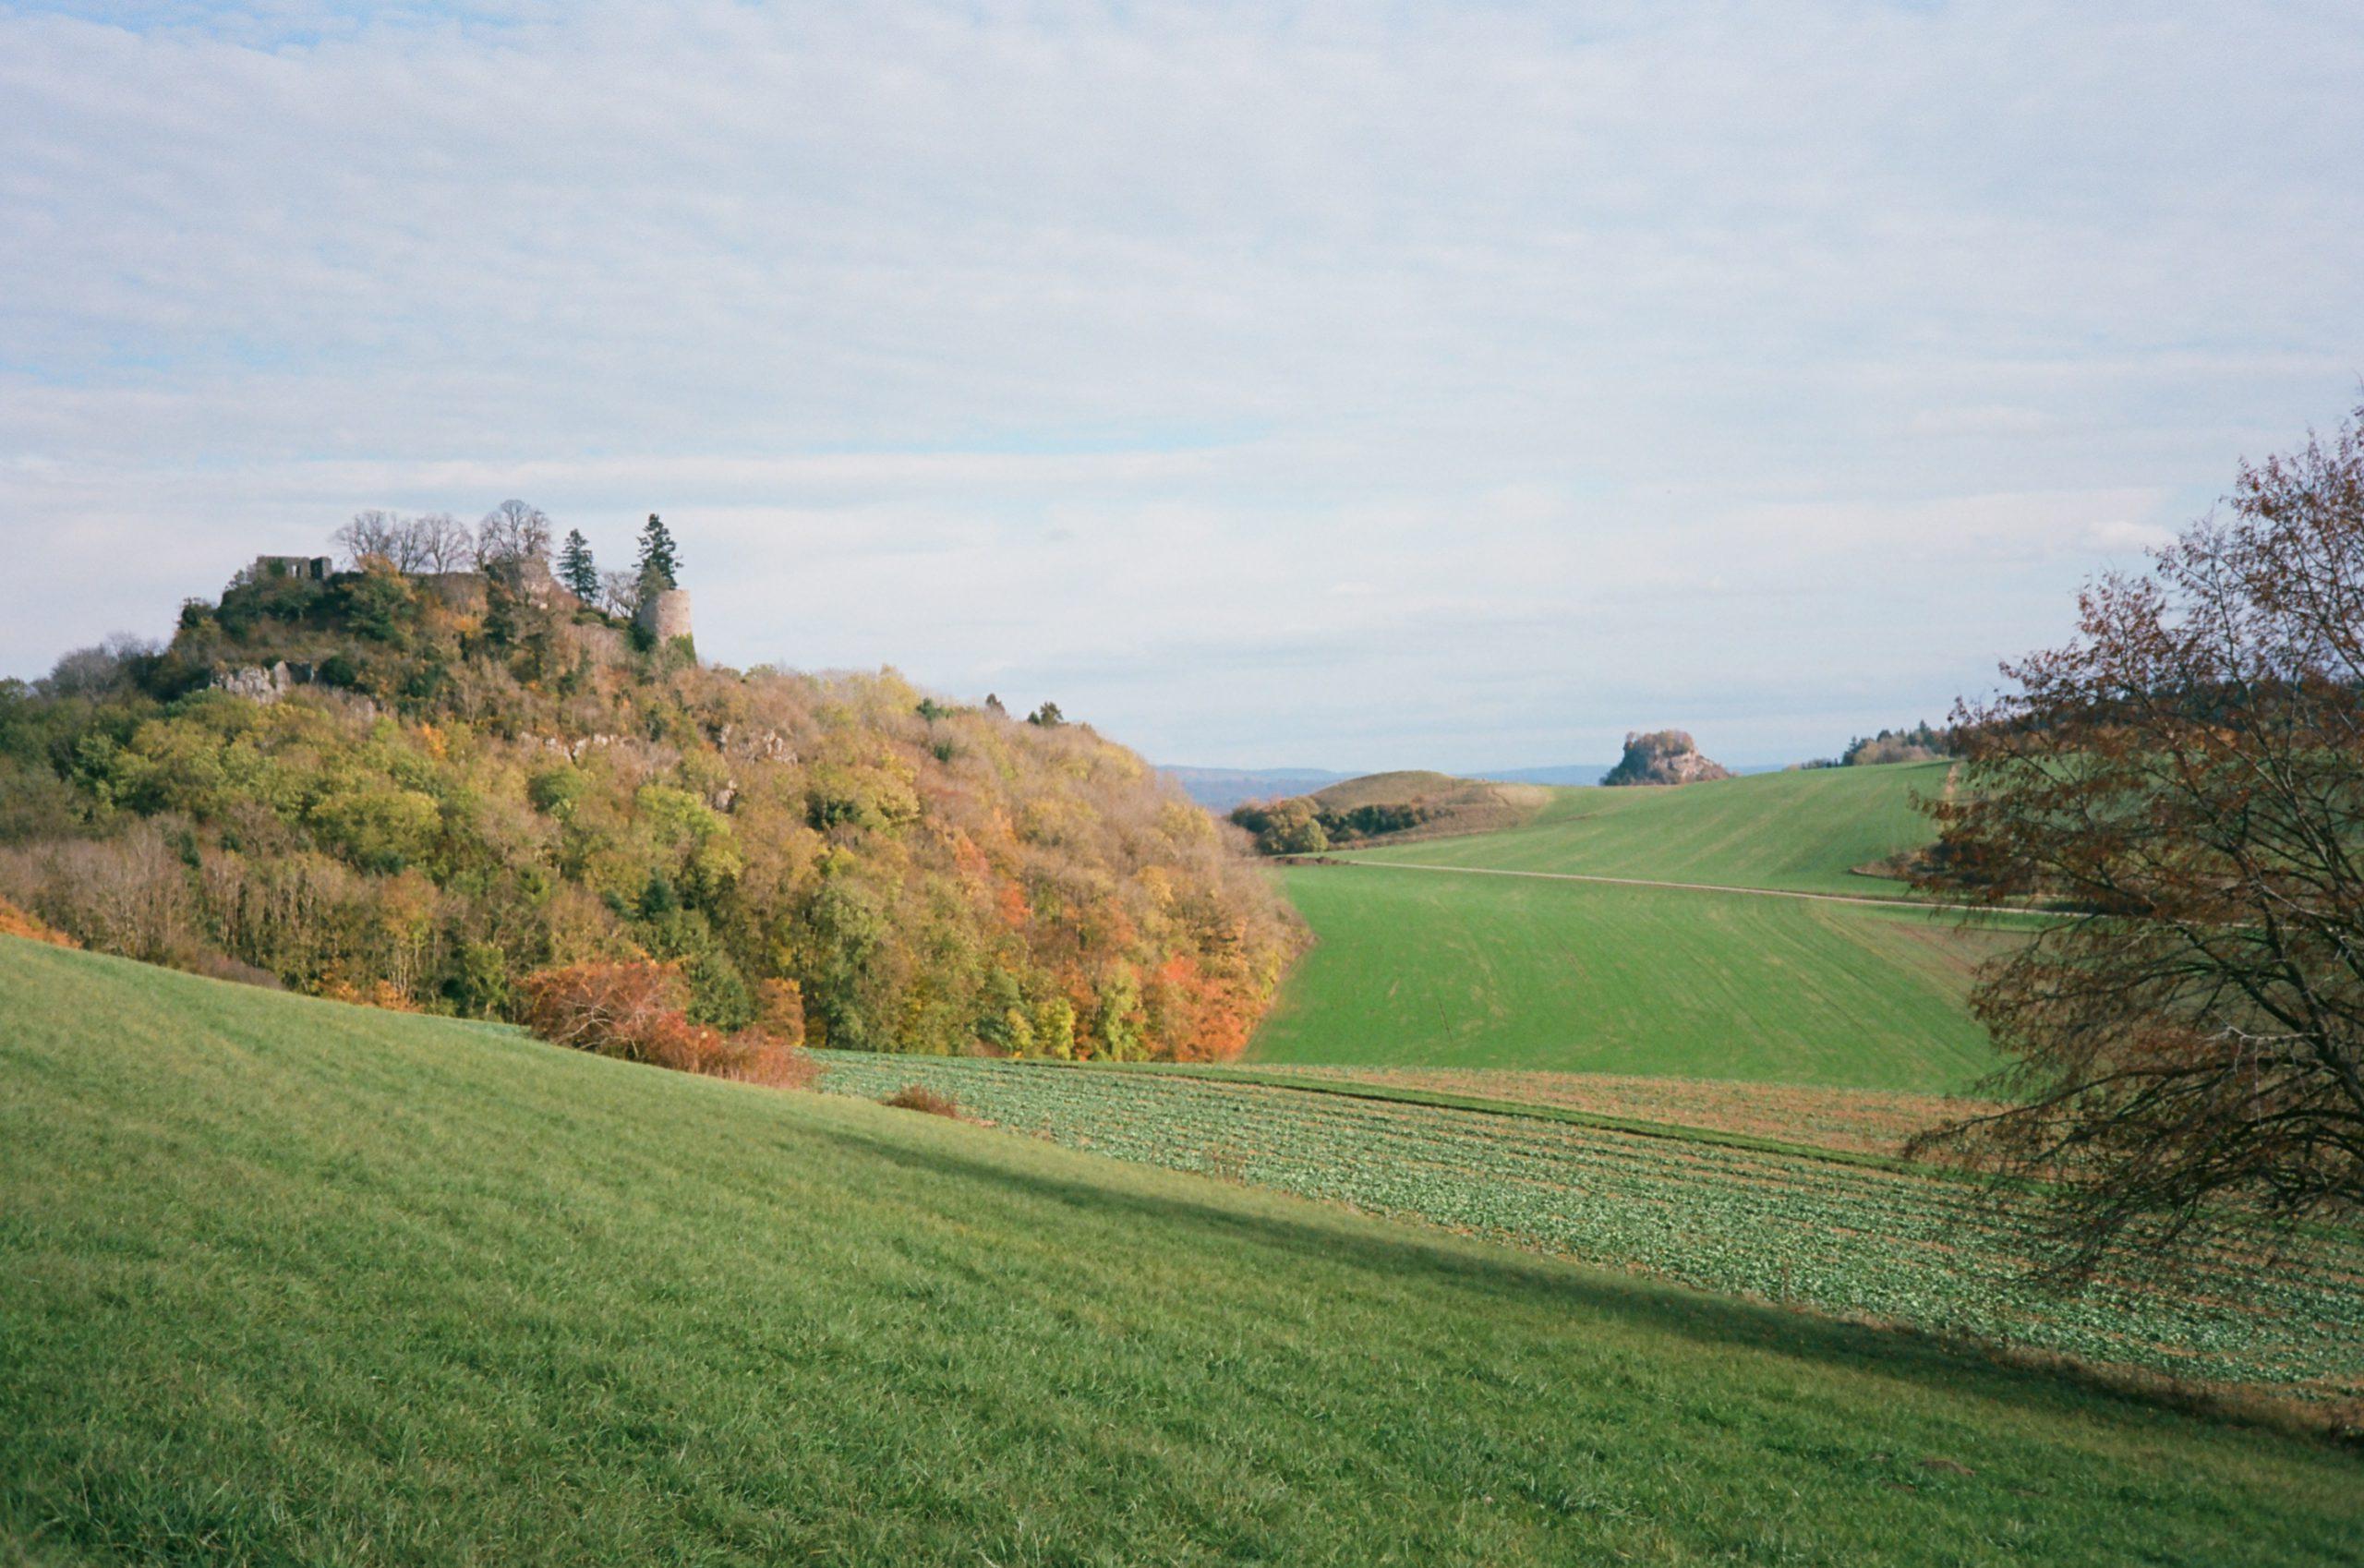 Zarte Farben an diesem etwas bedeckten Herbsttag, für mich ein schönes Zusammenspiel aus Objektiv und Film. Rollei 35 RF mit Rollei Sonnar 40/2.8. Kodak Ektar 100.